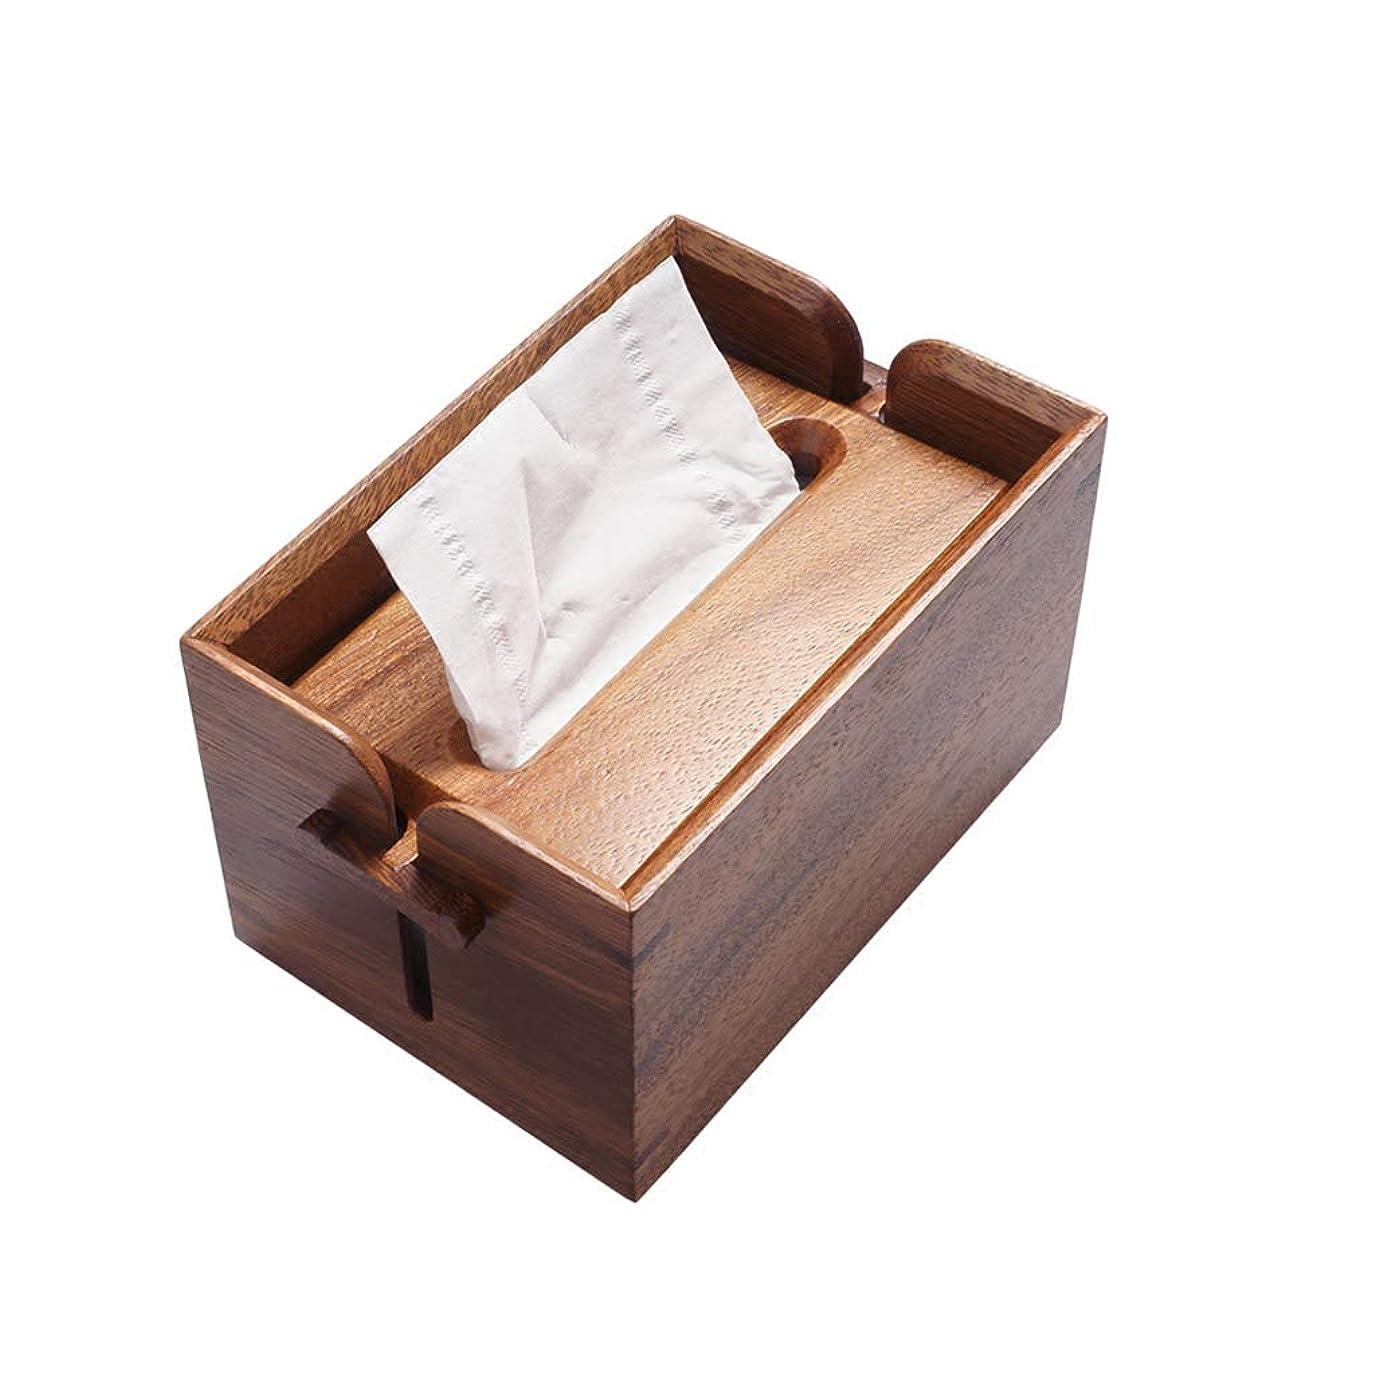 クールレイ忠実GWM クリエイティブ木製ティッシュボックスティッシュディスペンサー、リビングルームコーヒーテーブルレストランティーハウス家庭用ナプキンホルダー